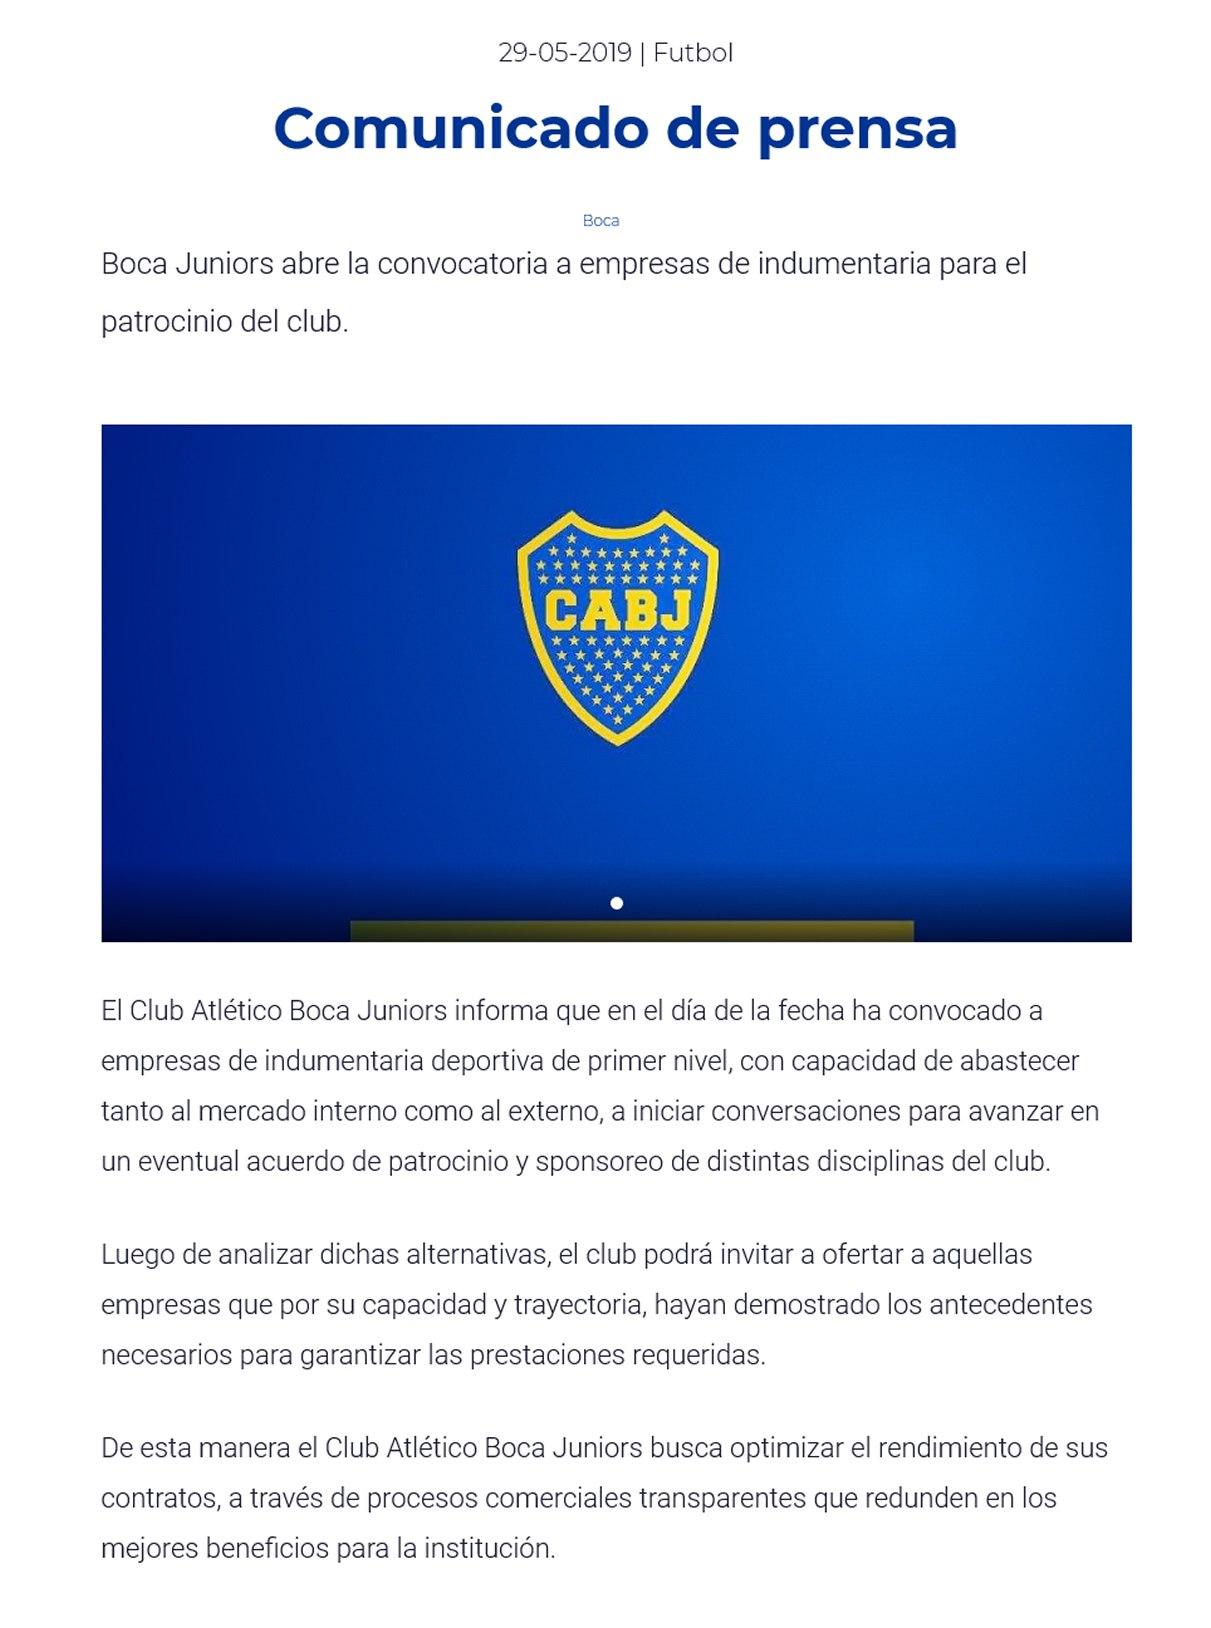 Boca Juniors convoca a empresas de indumentaria | Captura Portal Oficial